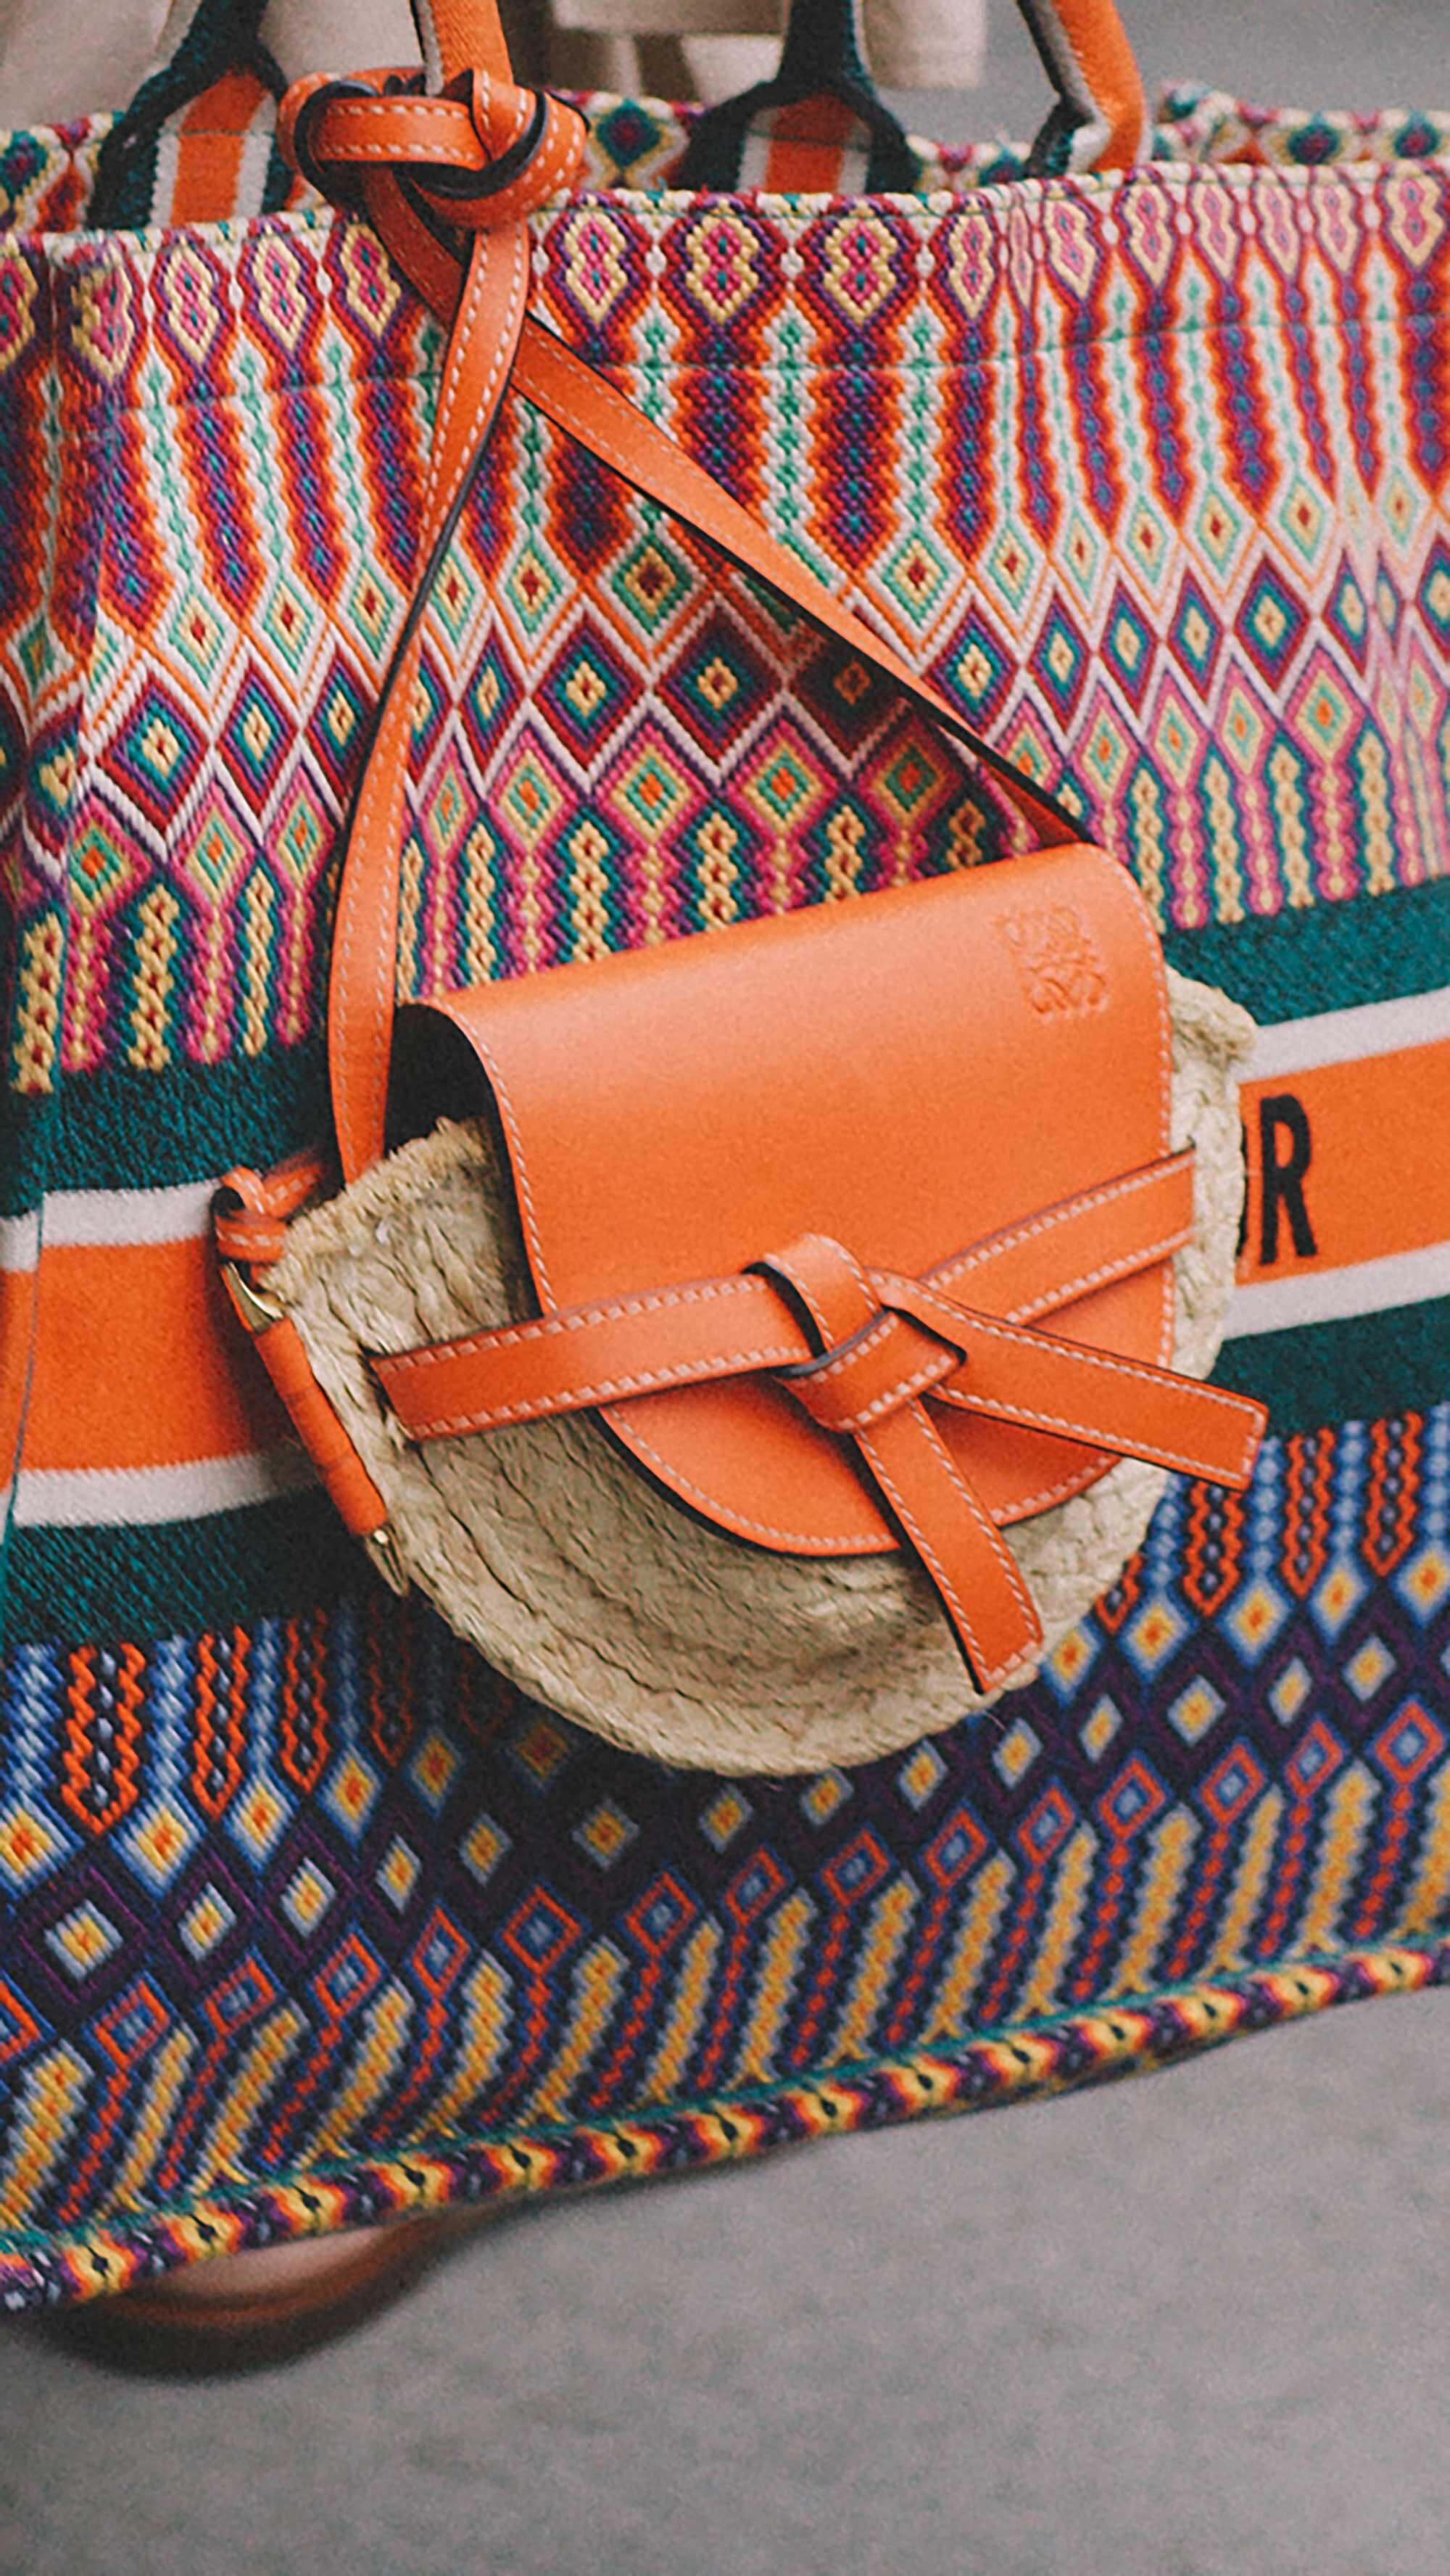 7. Loewe - Gate mini bag